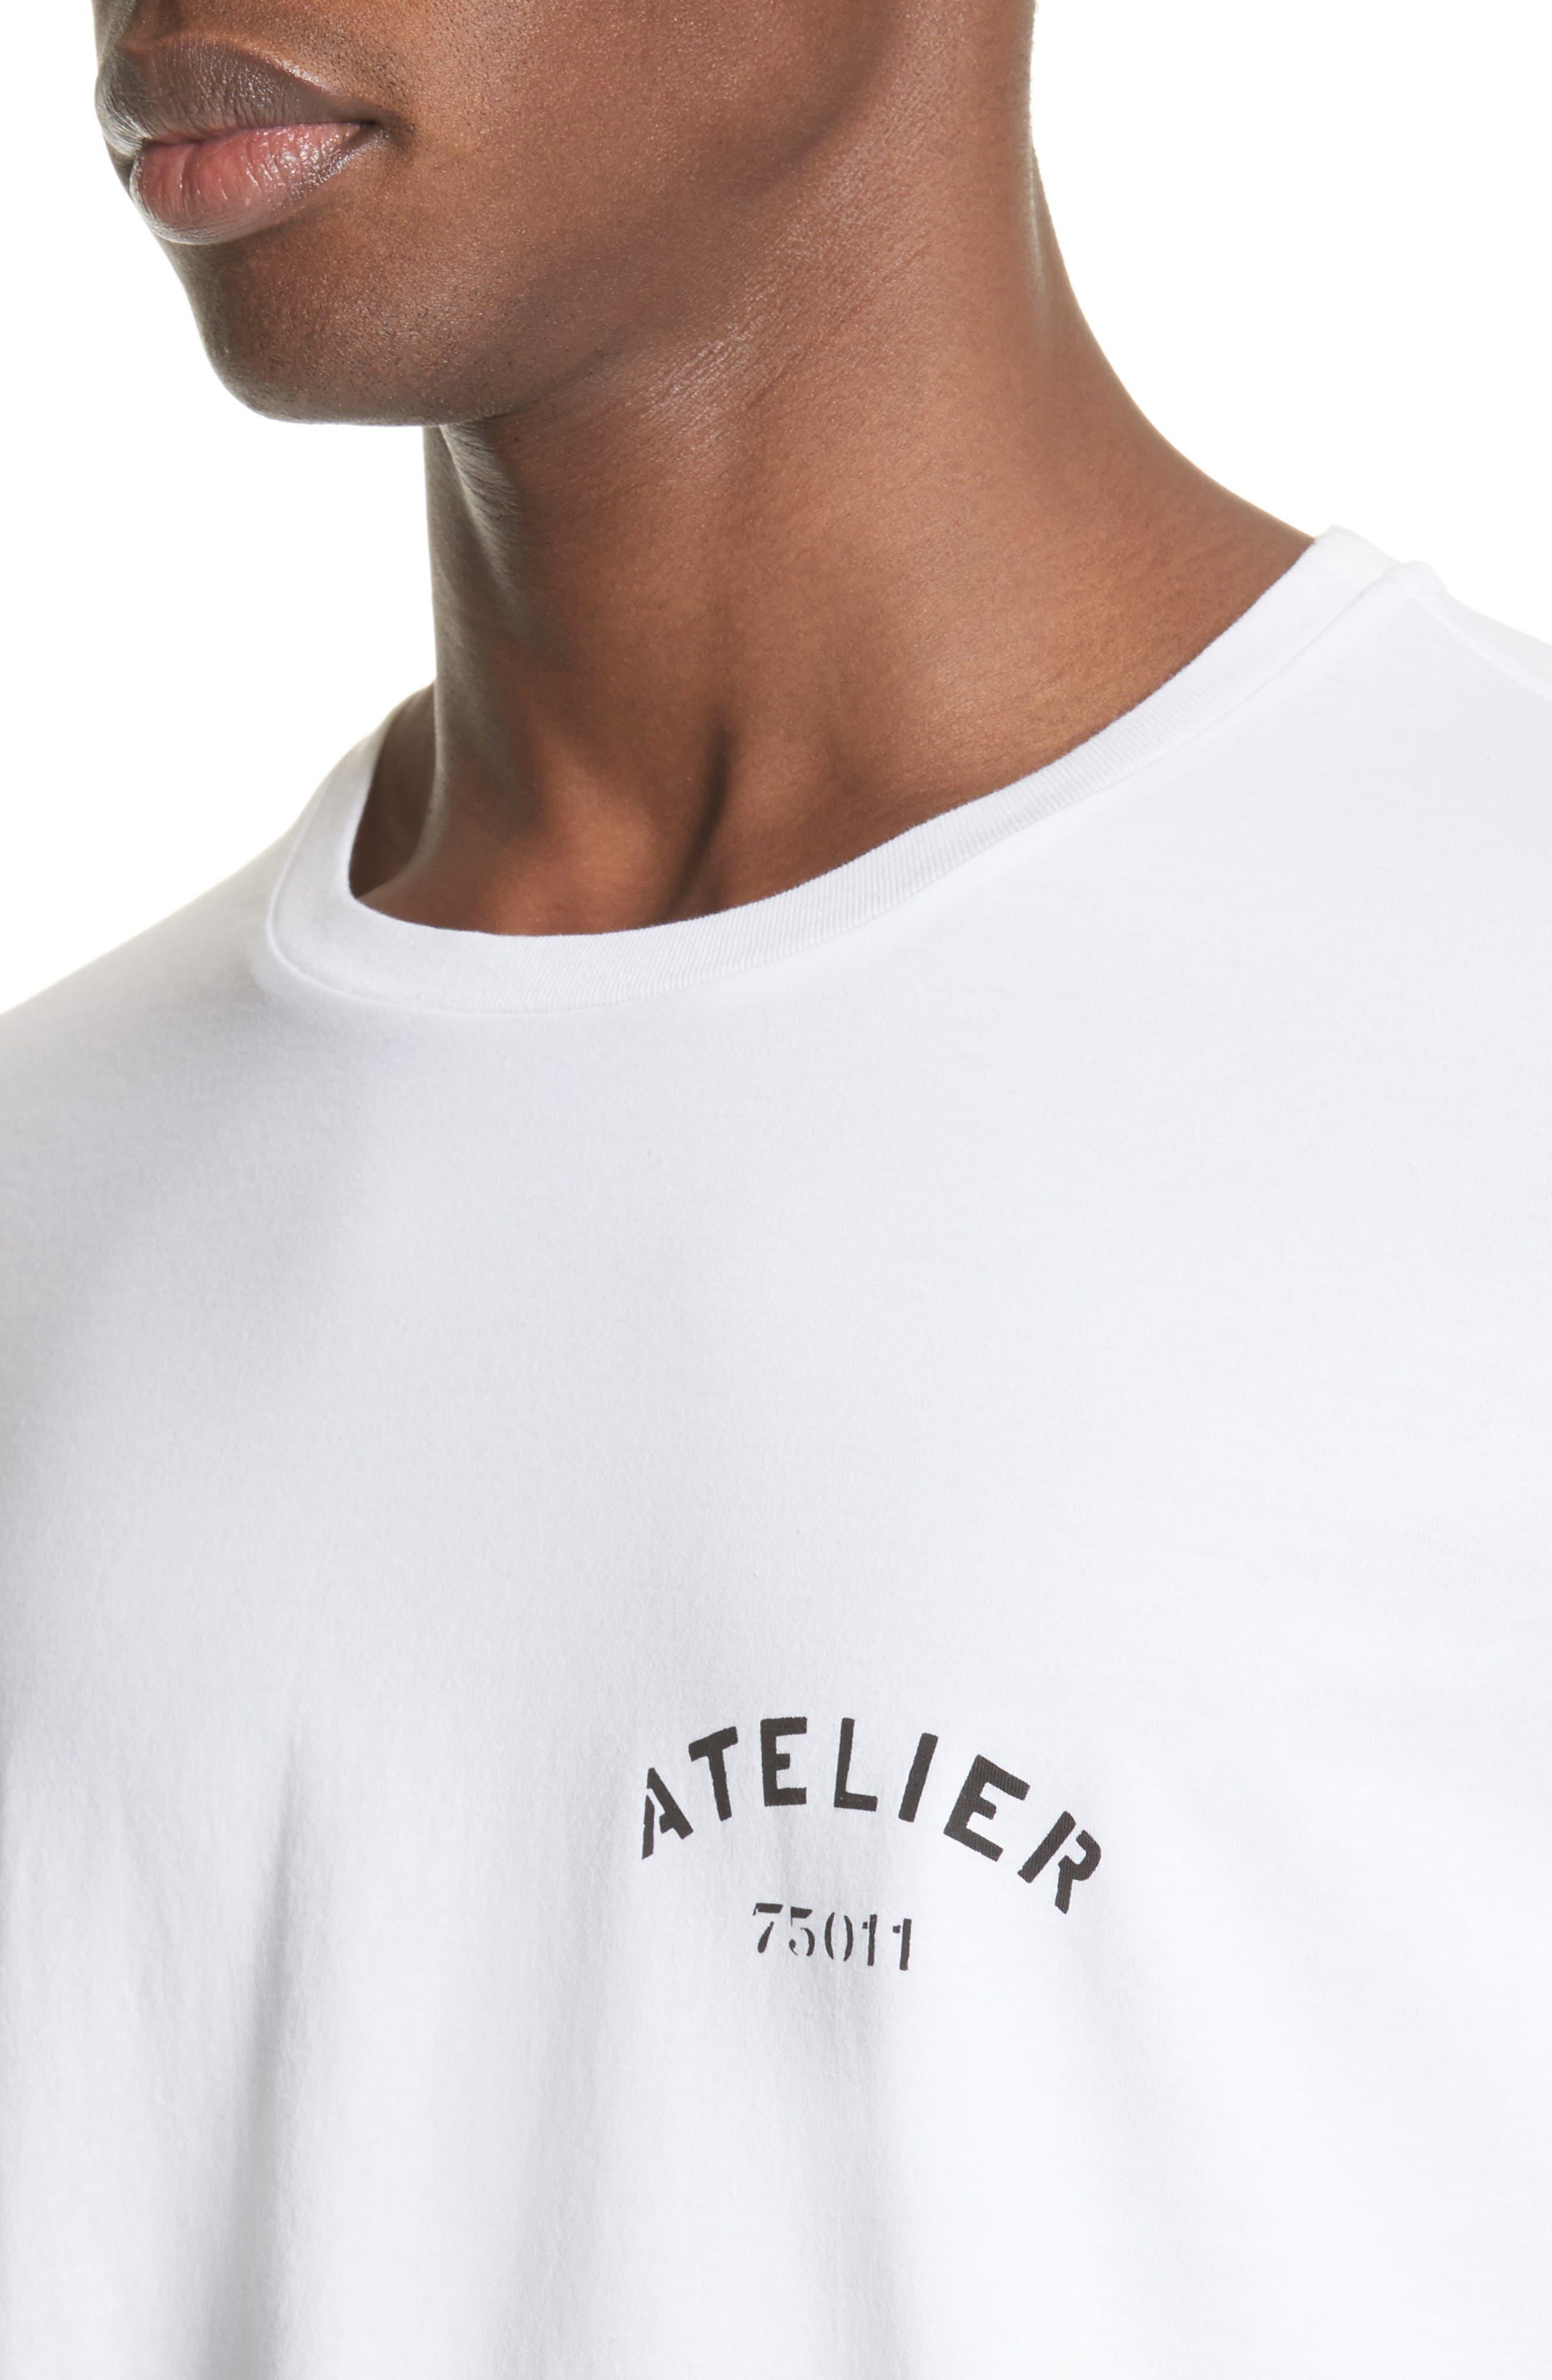 Atelier Graphic T-Shirt,                             Alternate thumbnail 4, color,                             100